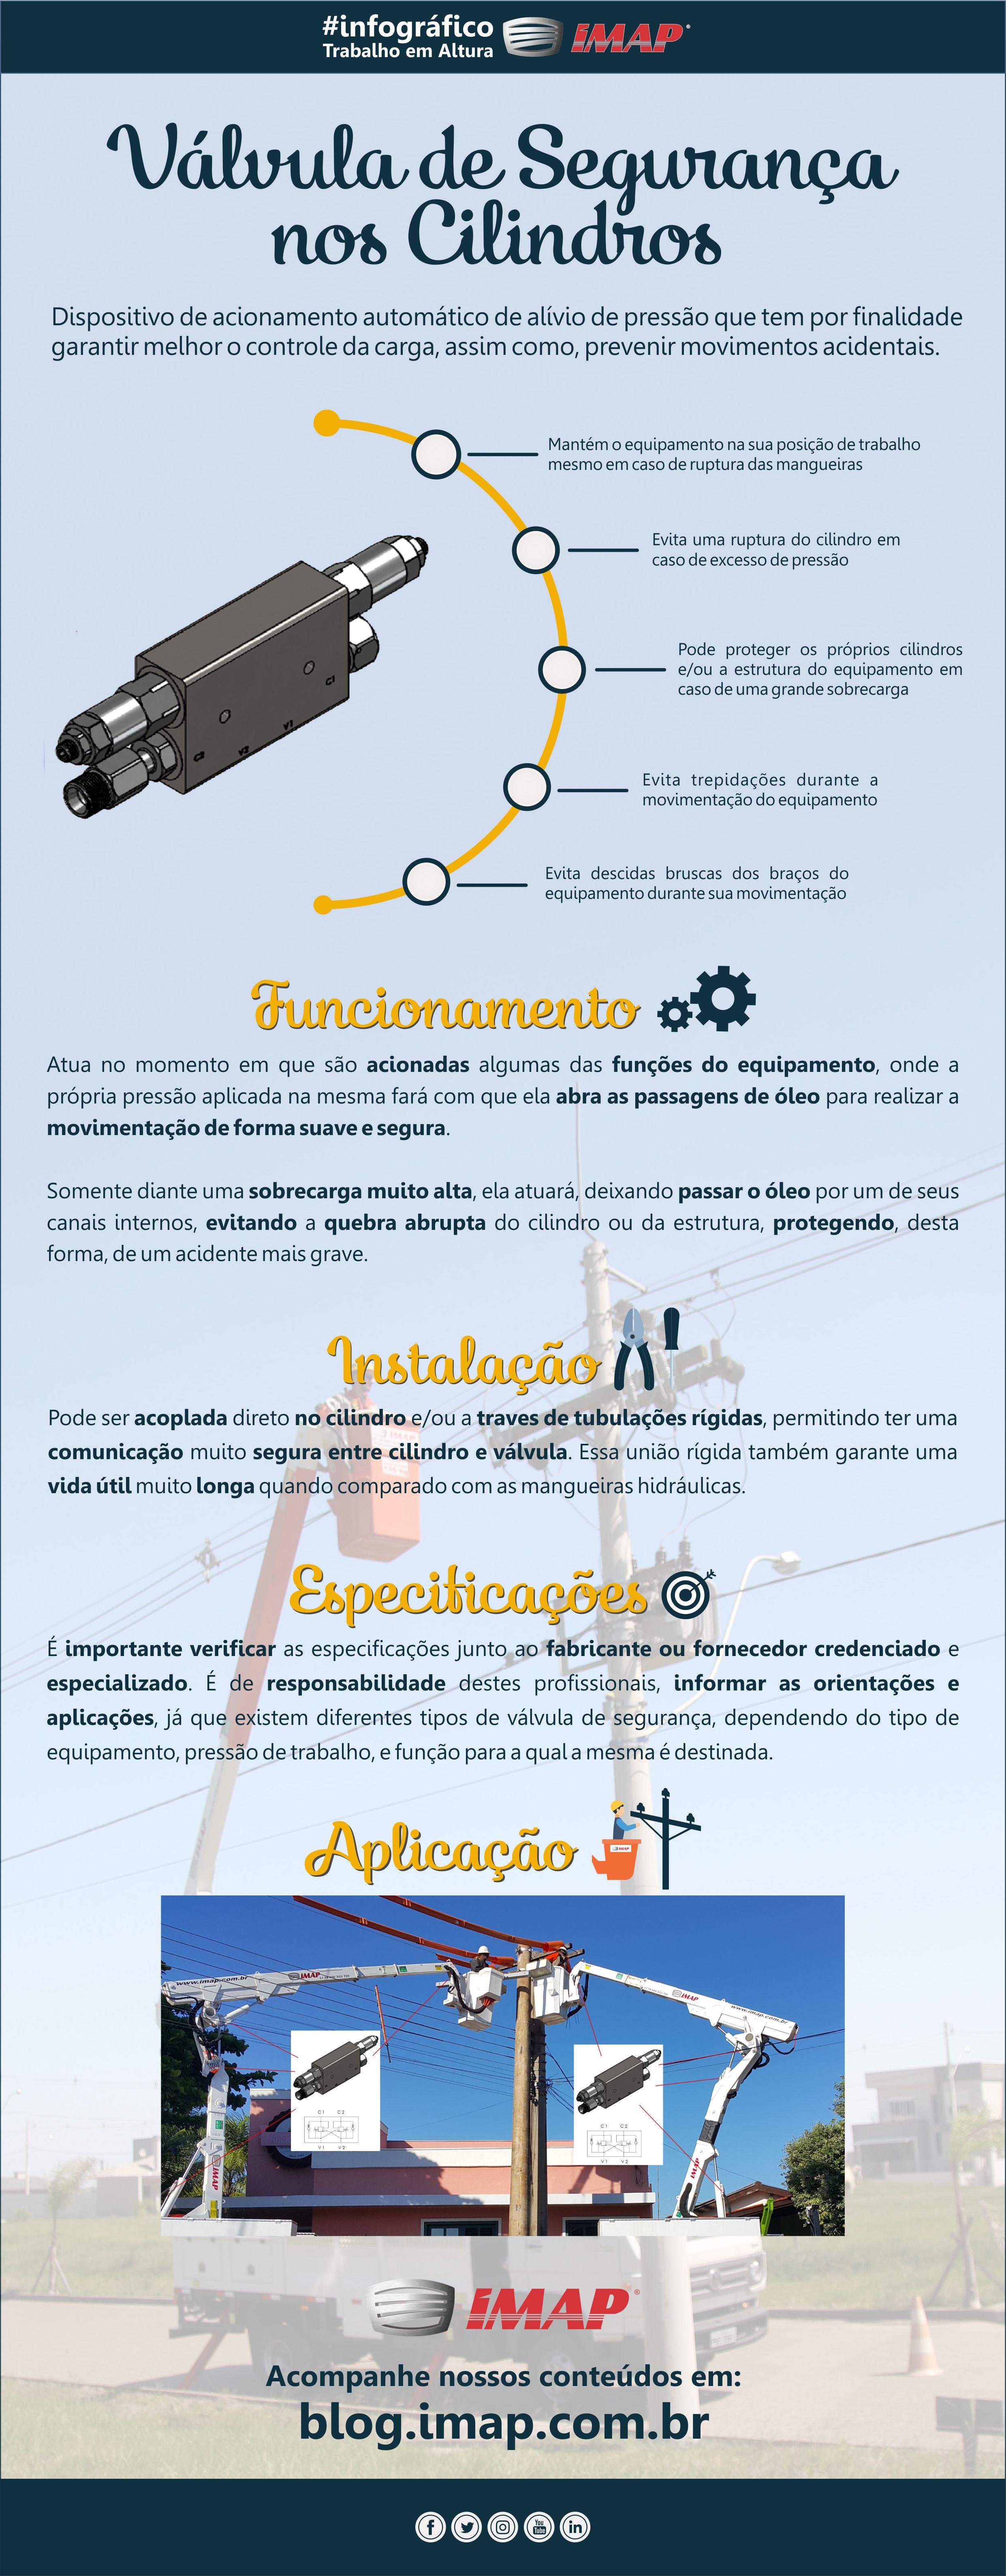 Infográfico Válvula de Segurança nos Cilindros - Válvula de Segurança nos cilindros